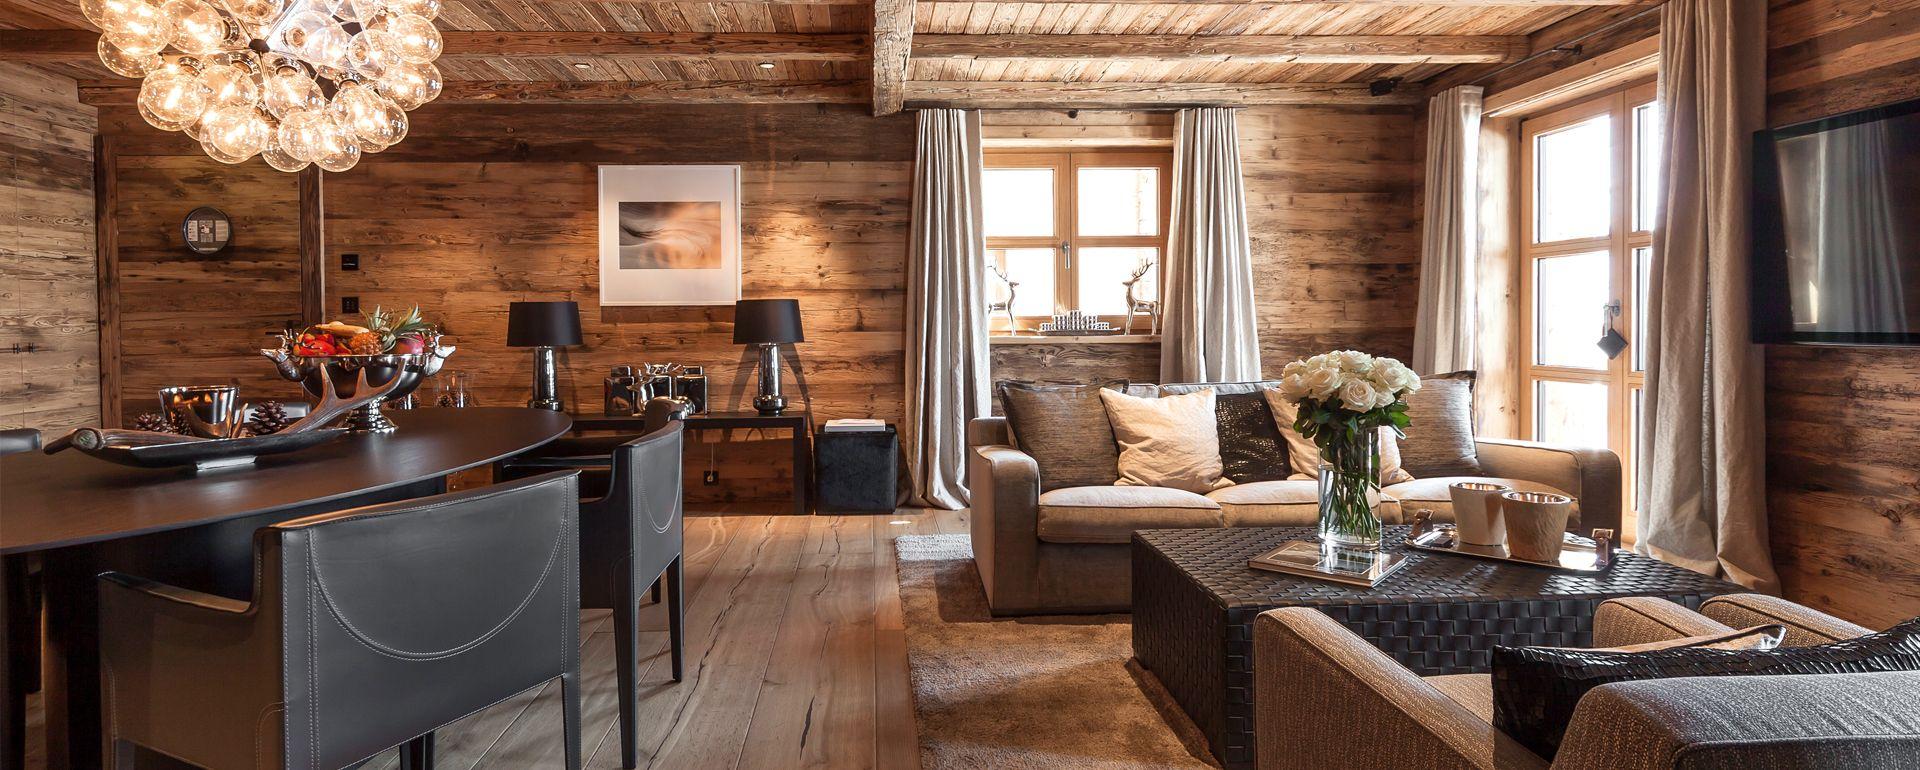 Suites   Chalet design, Wohnung möbel, Innenarchitektur